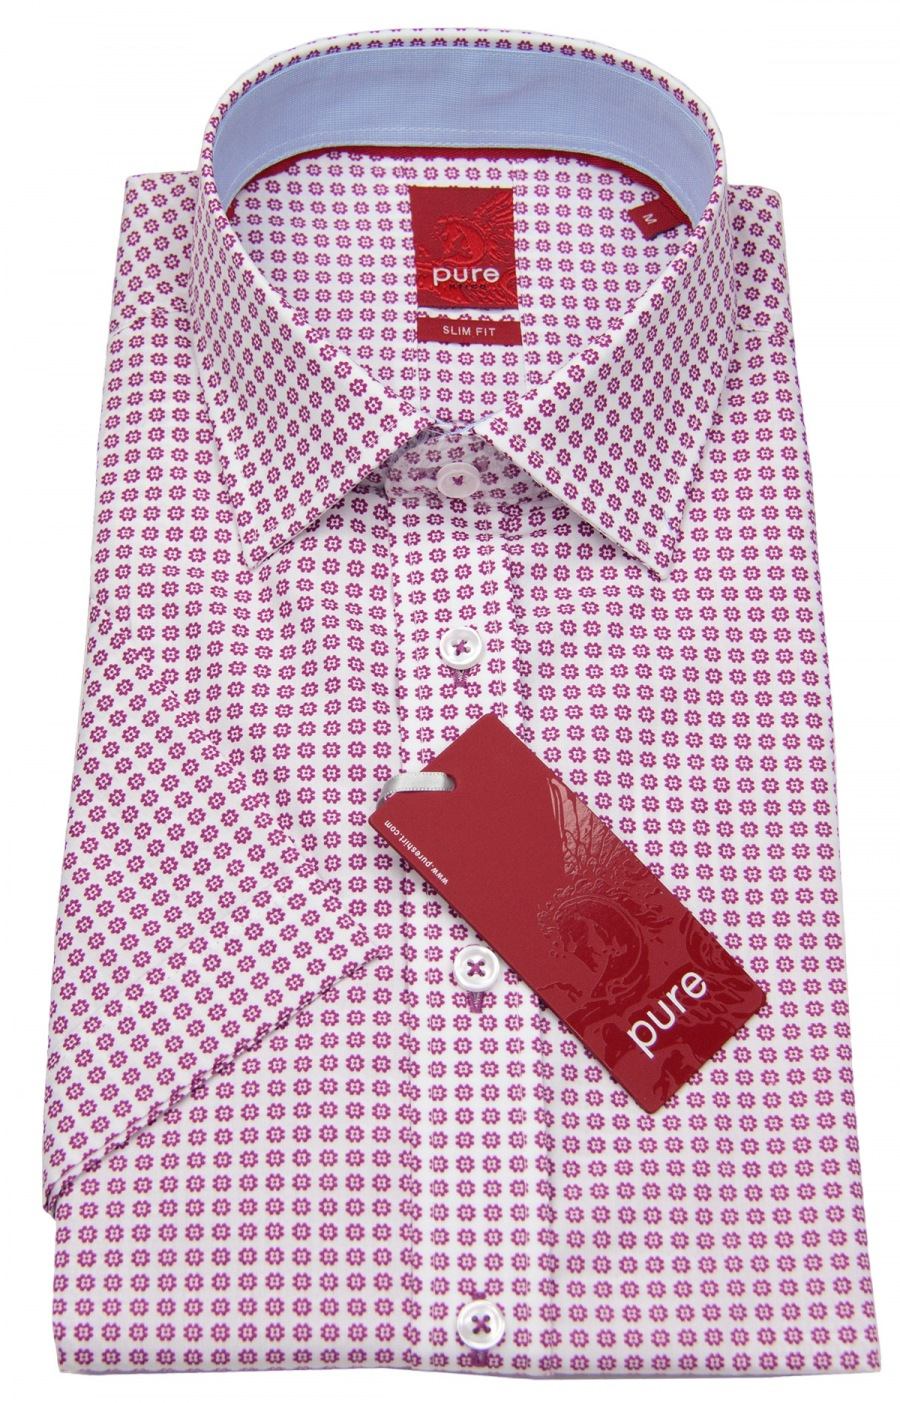 Klassische Hemden Herren Business Hemd Marvelis Body Fit Schlanke Pflegeleicht Baumwolle Kurzarm Eine GroßE Auswahl An Farben Und Designs